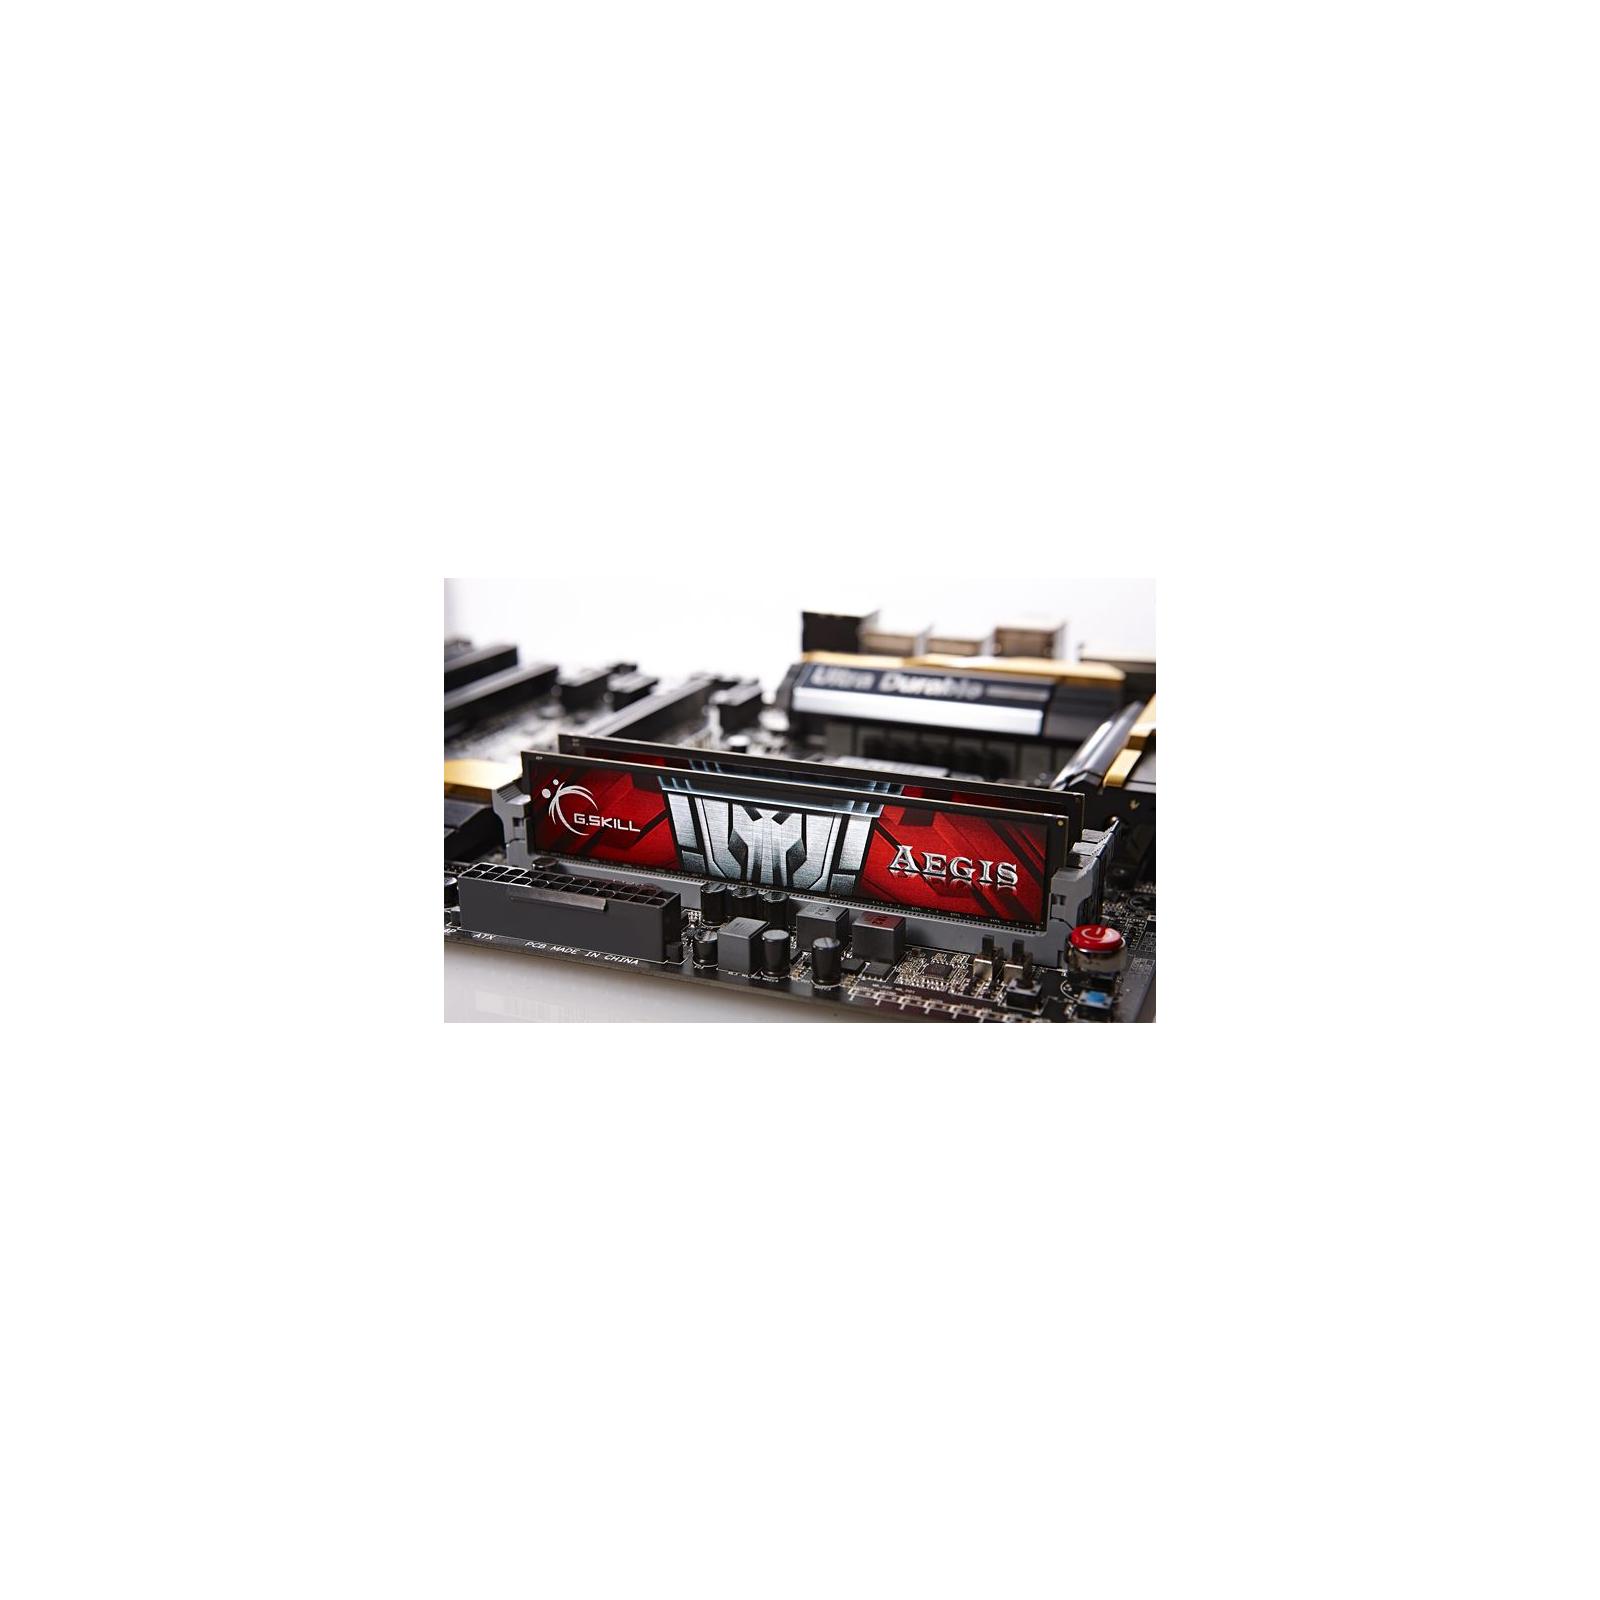 Модуль памяти для компьютера DDR3 8GB (2x4GB) 1600 MHz G.Skill (F3-1600C11D-8GIS) изображение 2